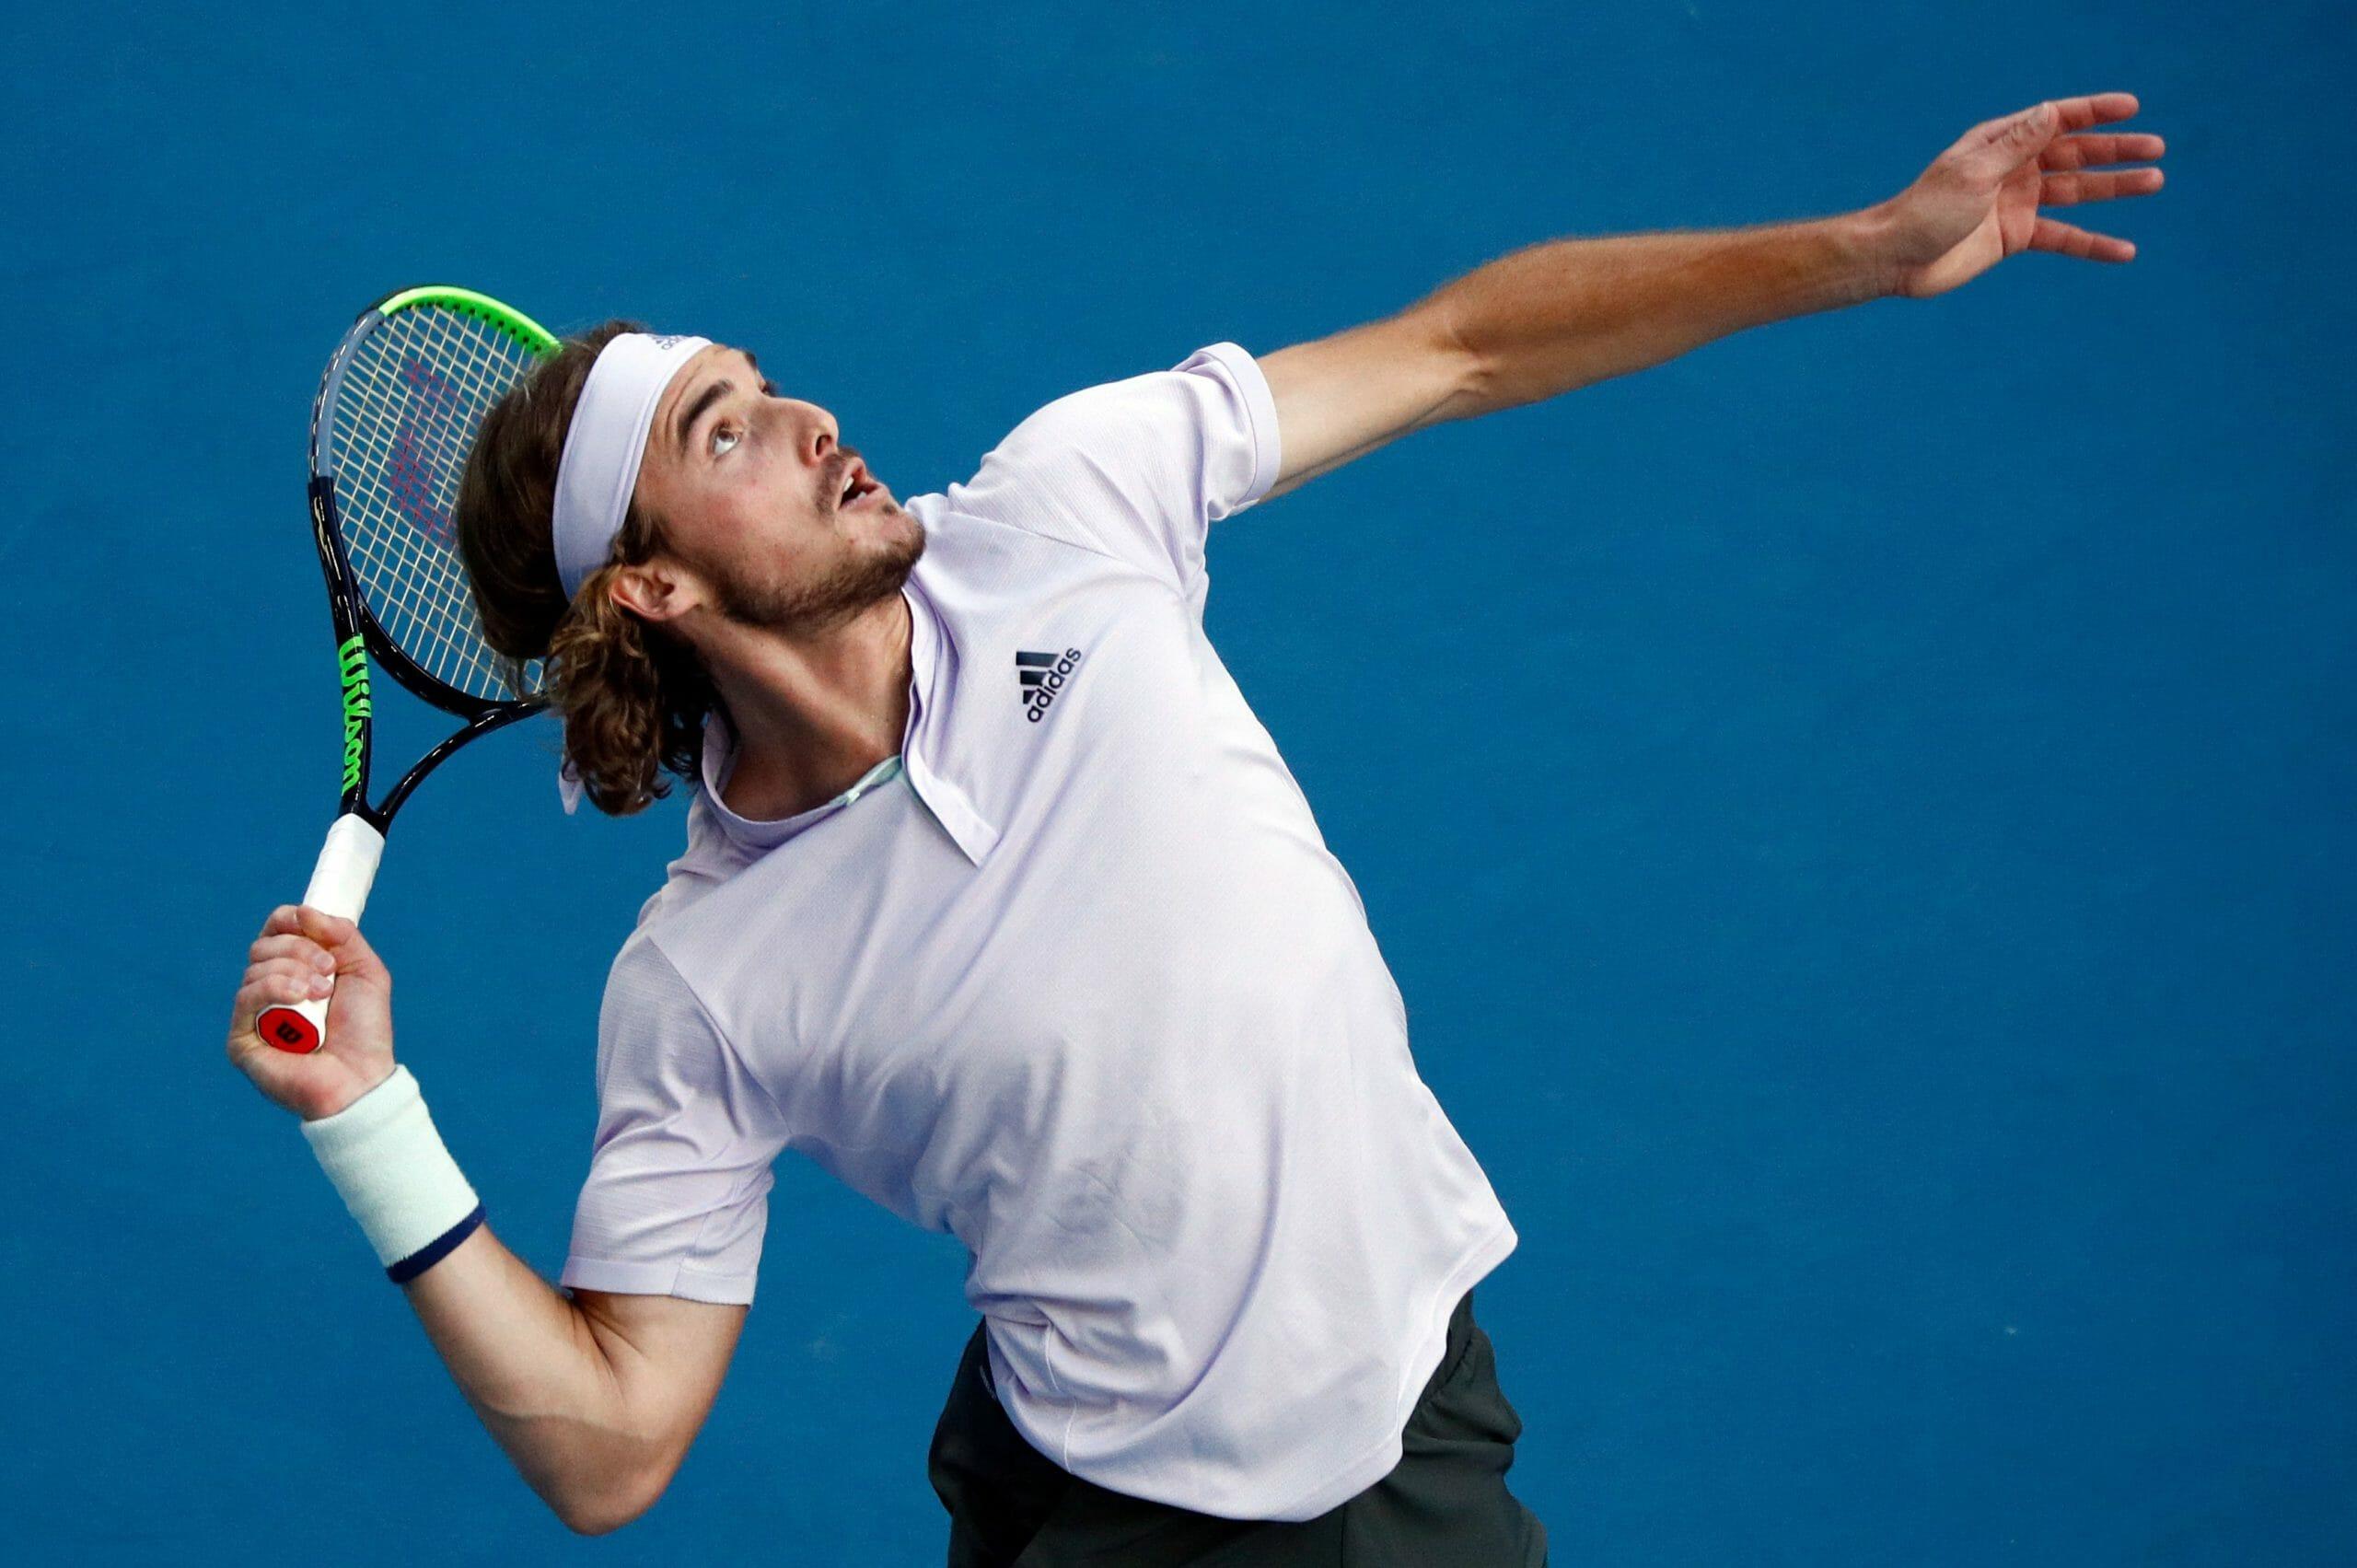 """Μετά τα μεσάνυχτα η """"μάχη"""" του Τσιτσιπά στο US Open"""